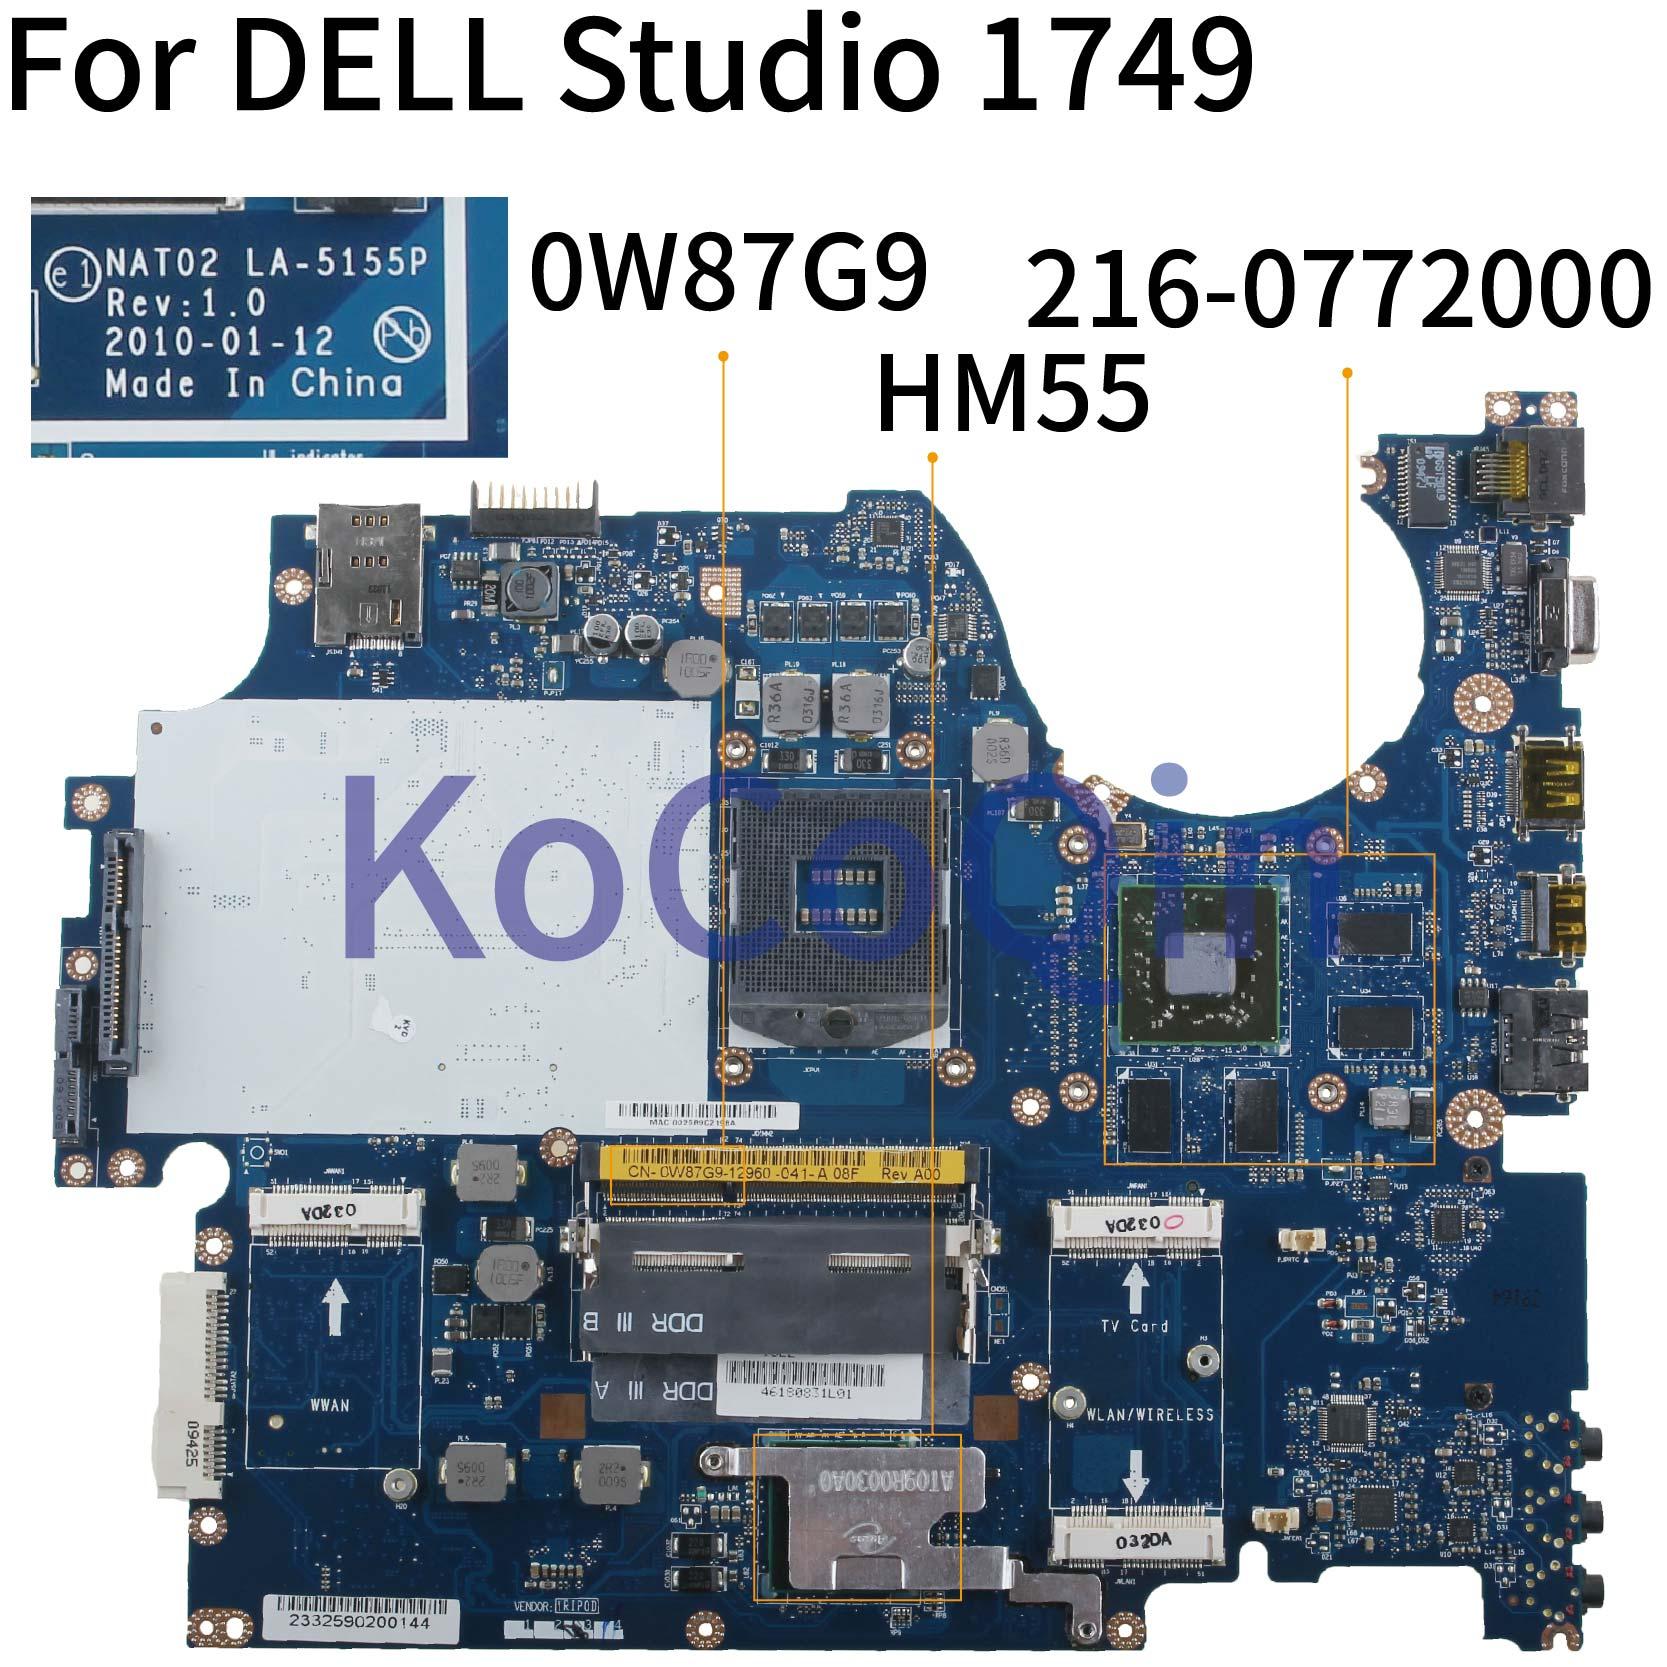 ل ديل استوديو 1749 HD5650 1GB مفكرة اللوحة CN-0W87G9 0W87G9 NAT02 LA-5155P 216-0772000 HM55 اللوحة المحمول